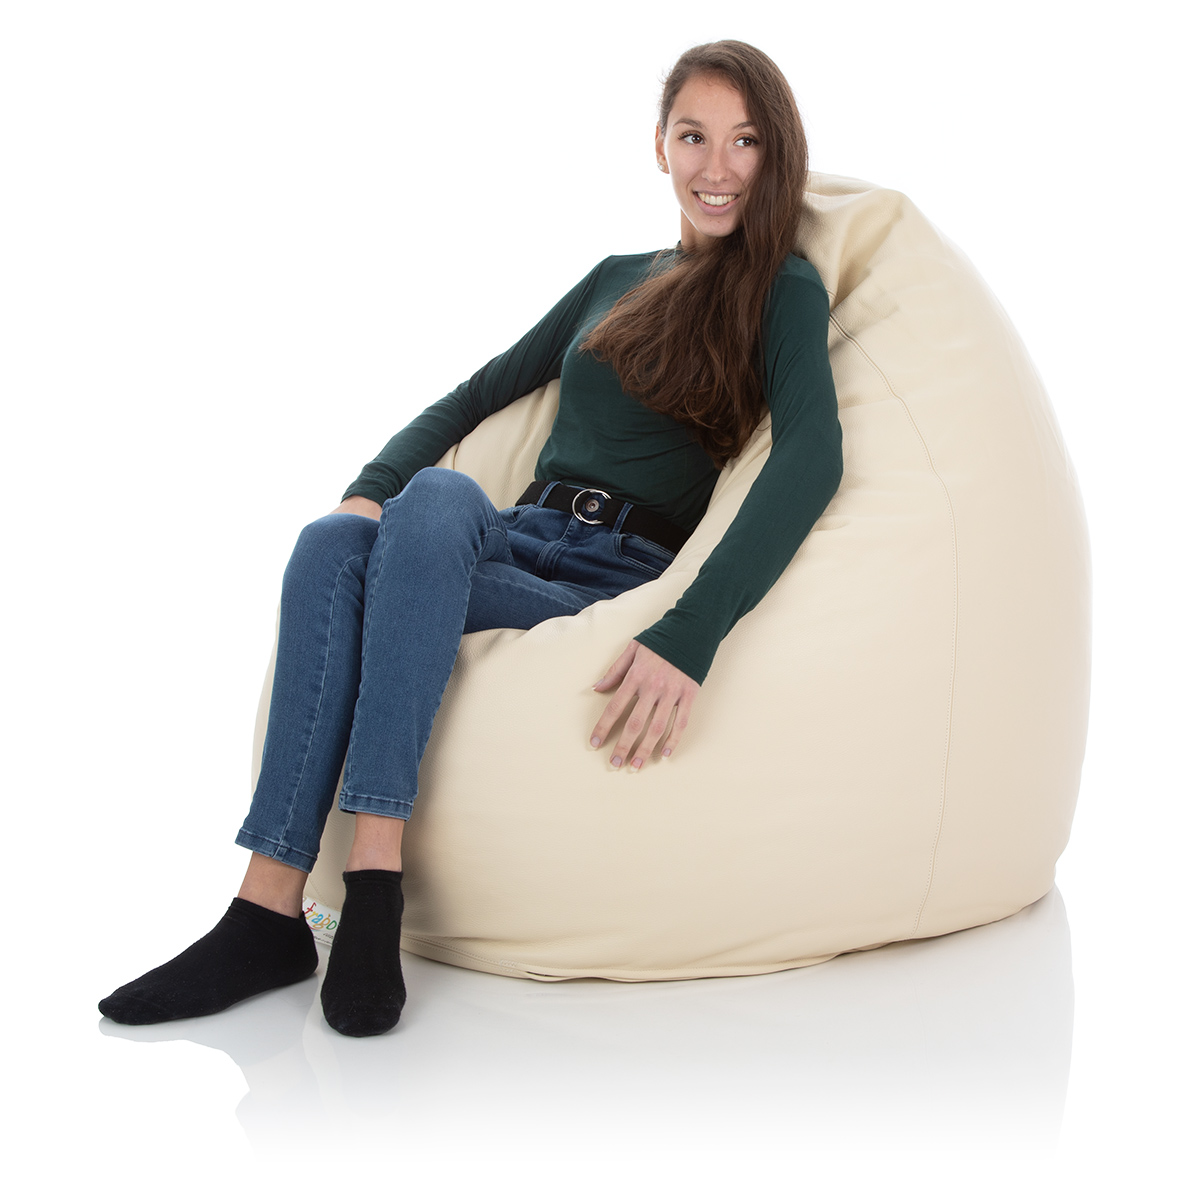 Indoor Sitzsack aus Leder weiß für das Wohnzimmer